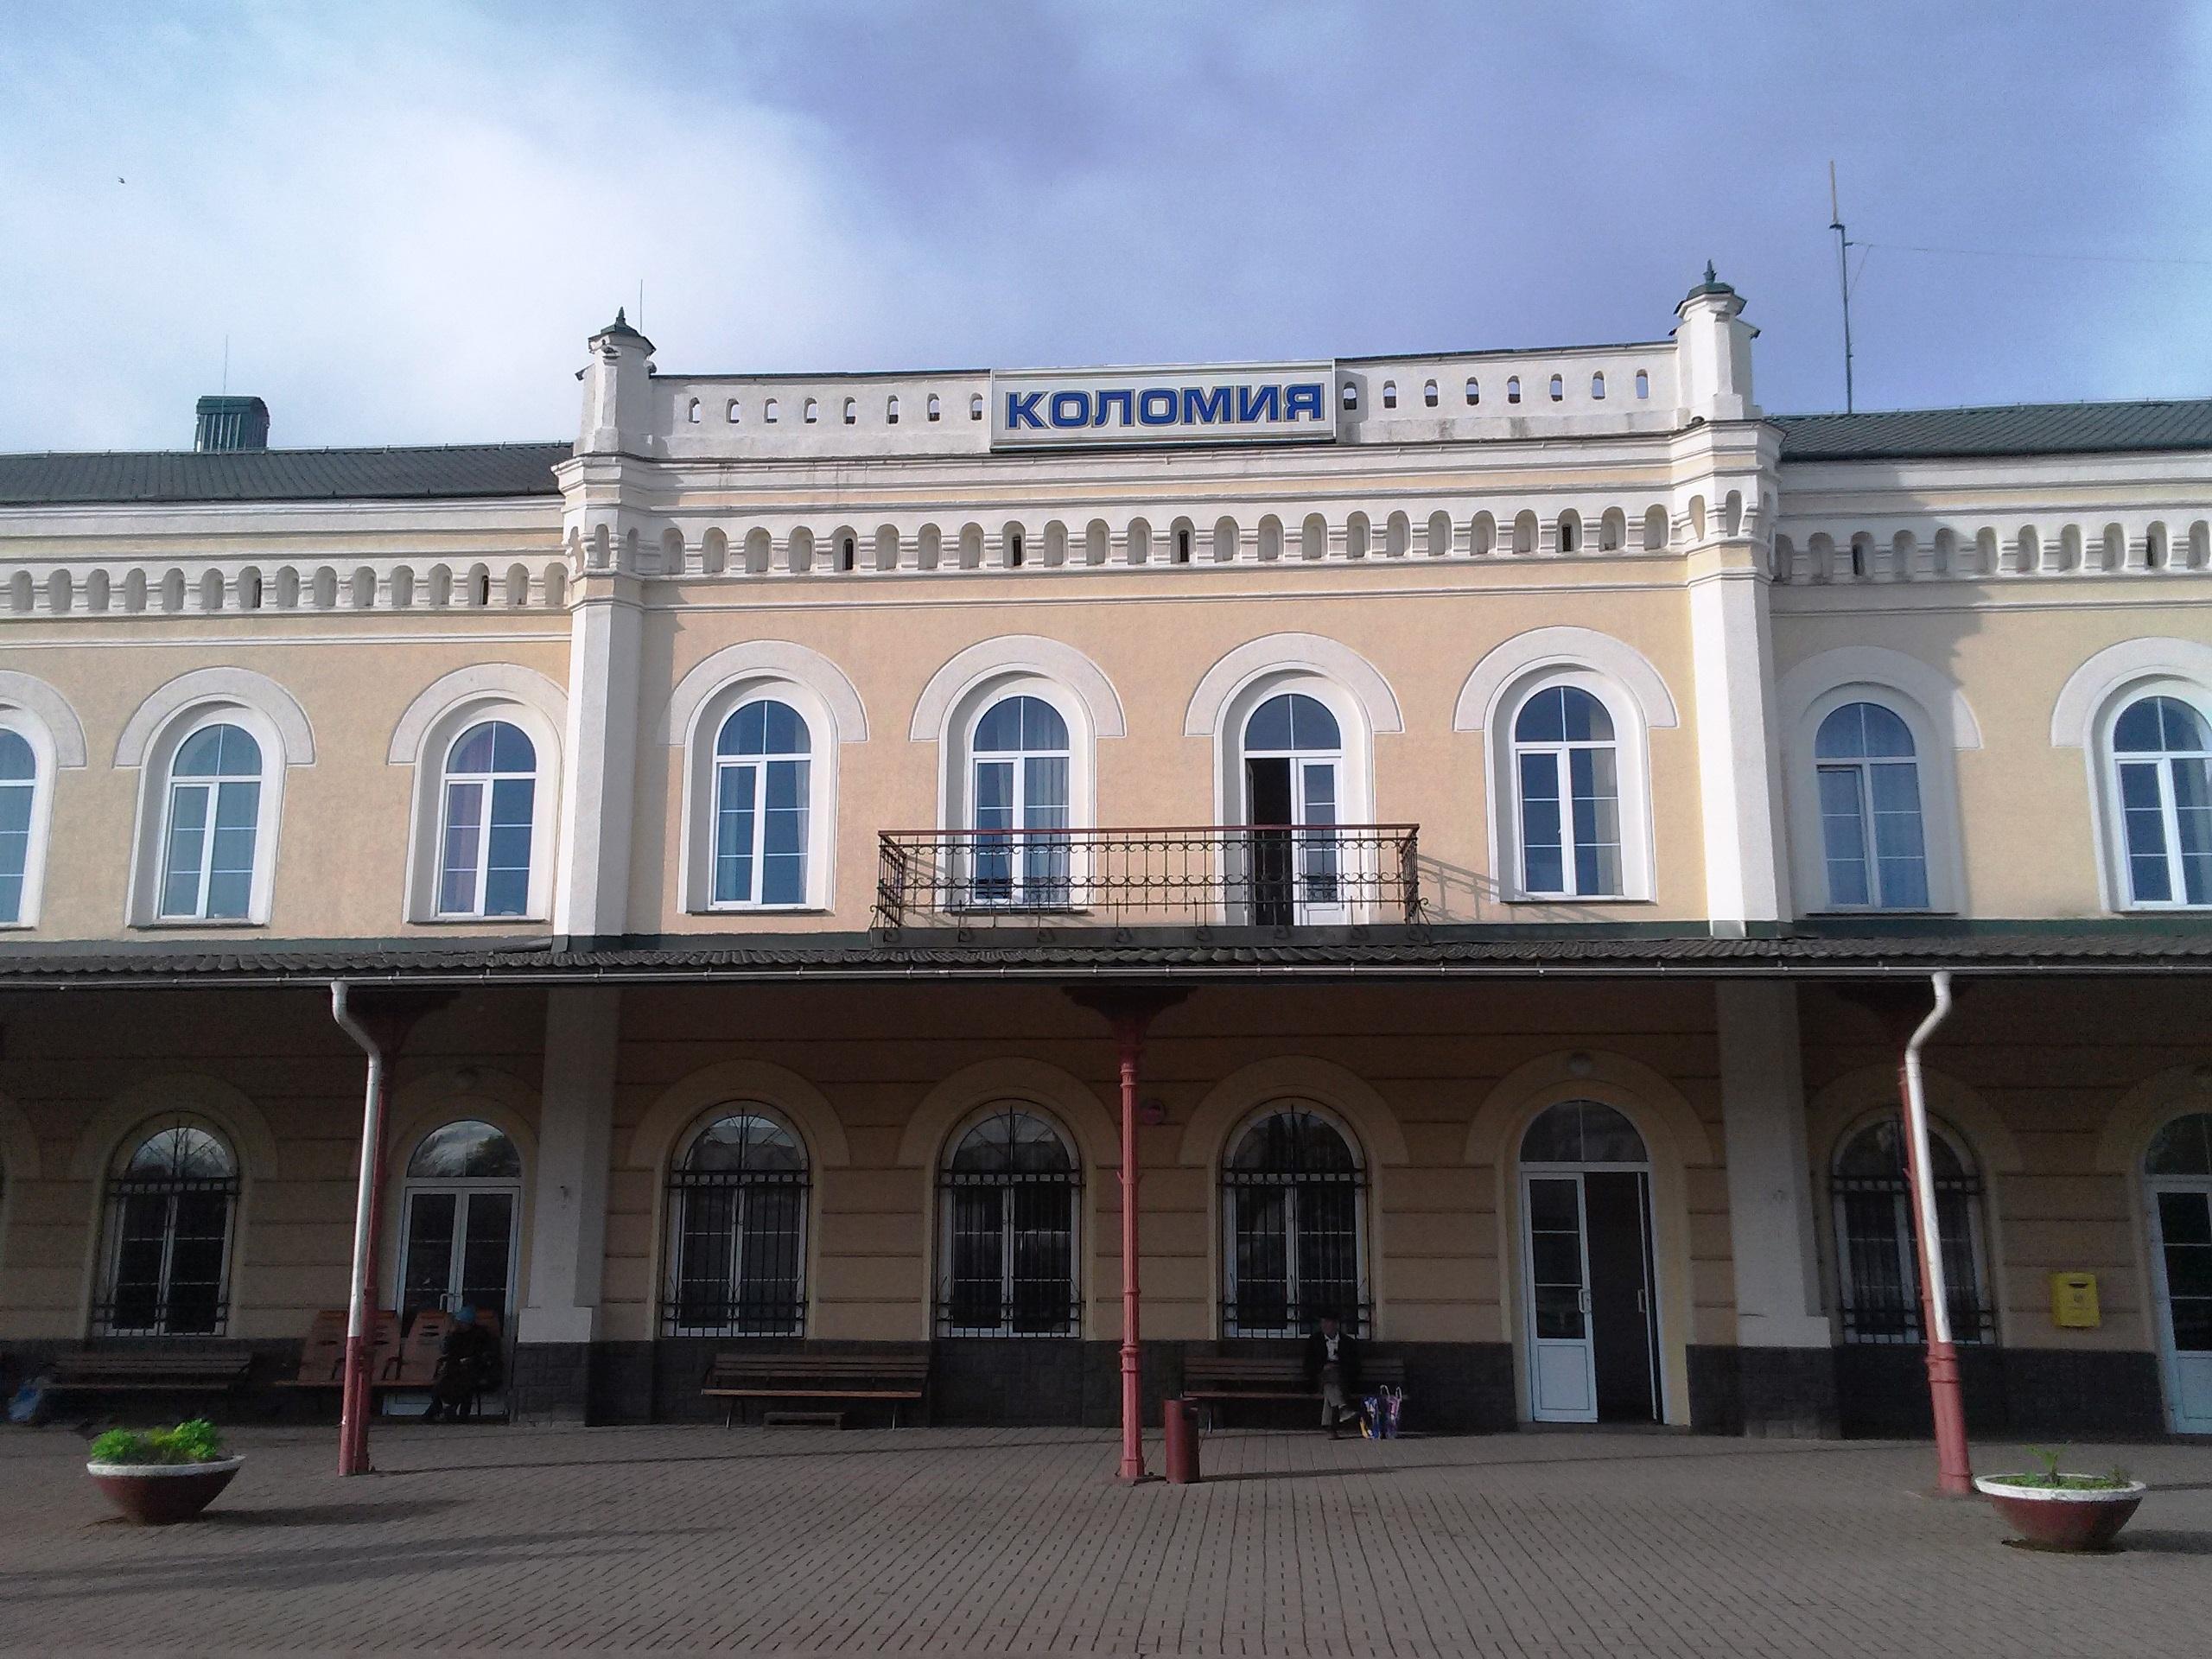 Жд вокзал у Коломиї